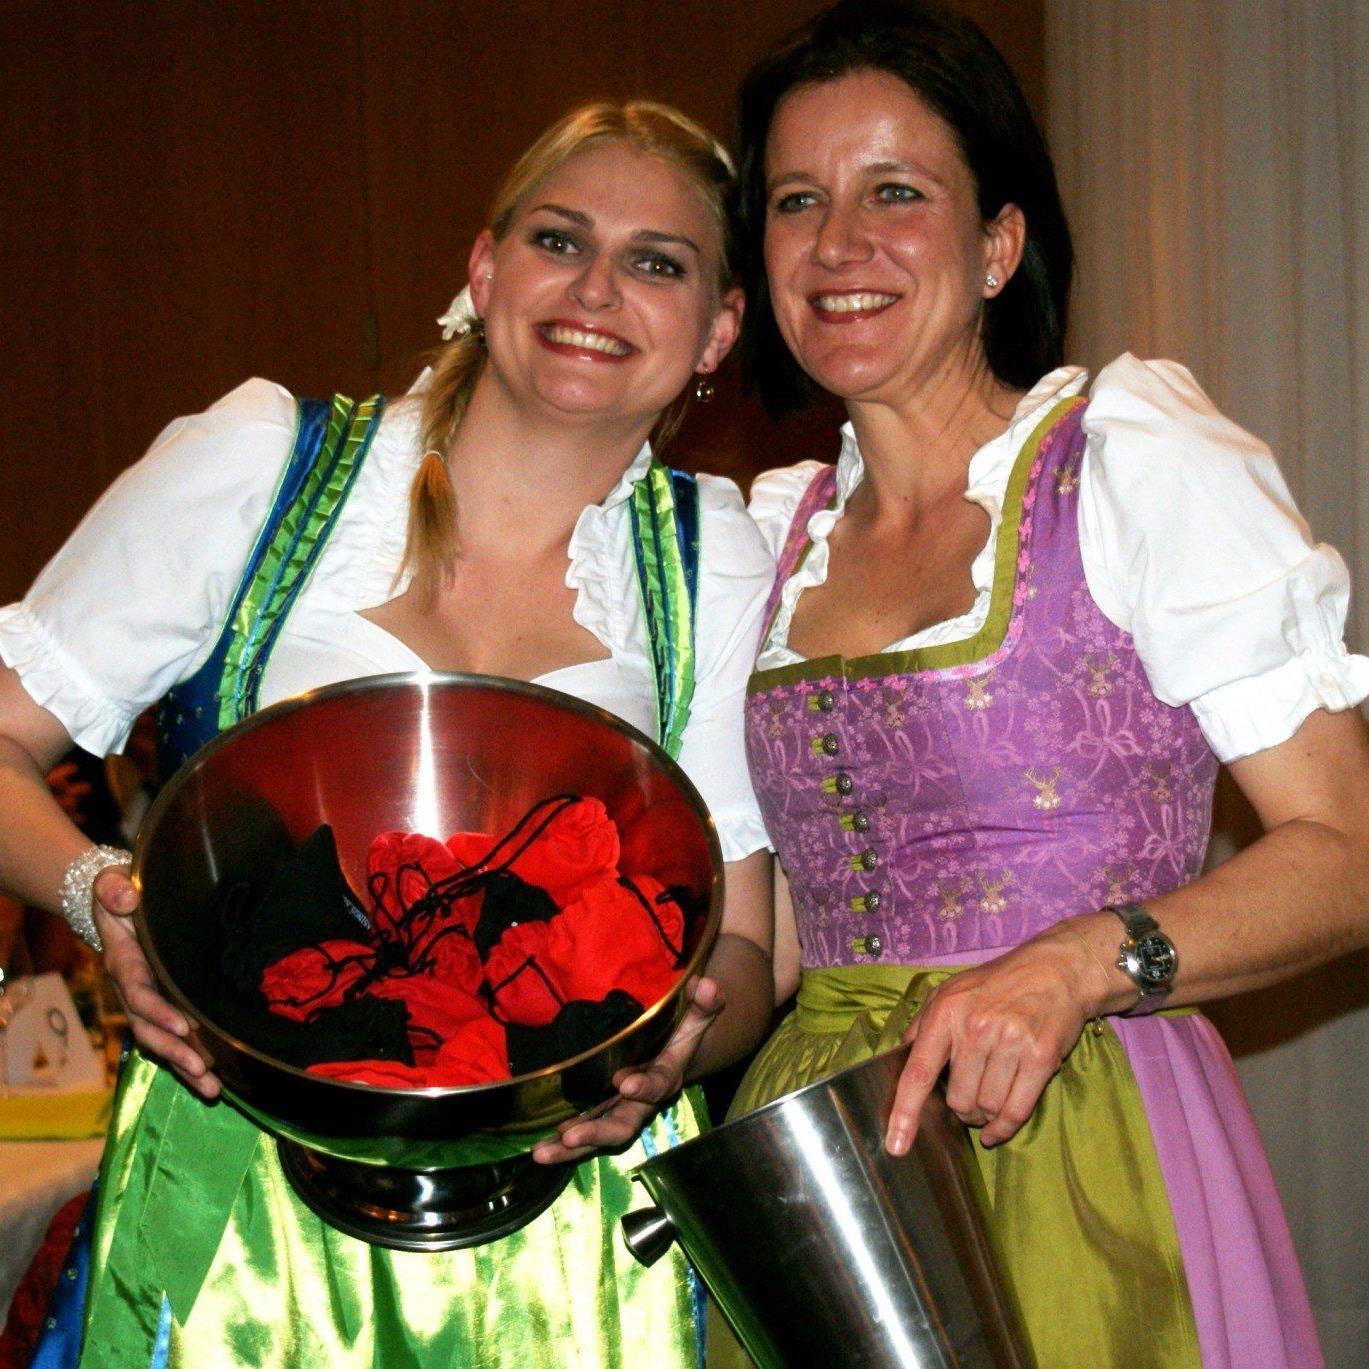 Manuela und Annettte im feschen Dirndl!